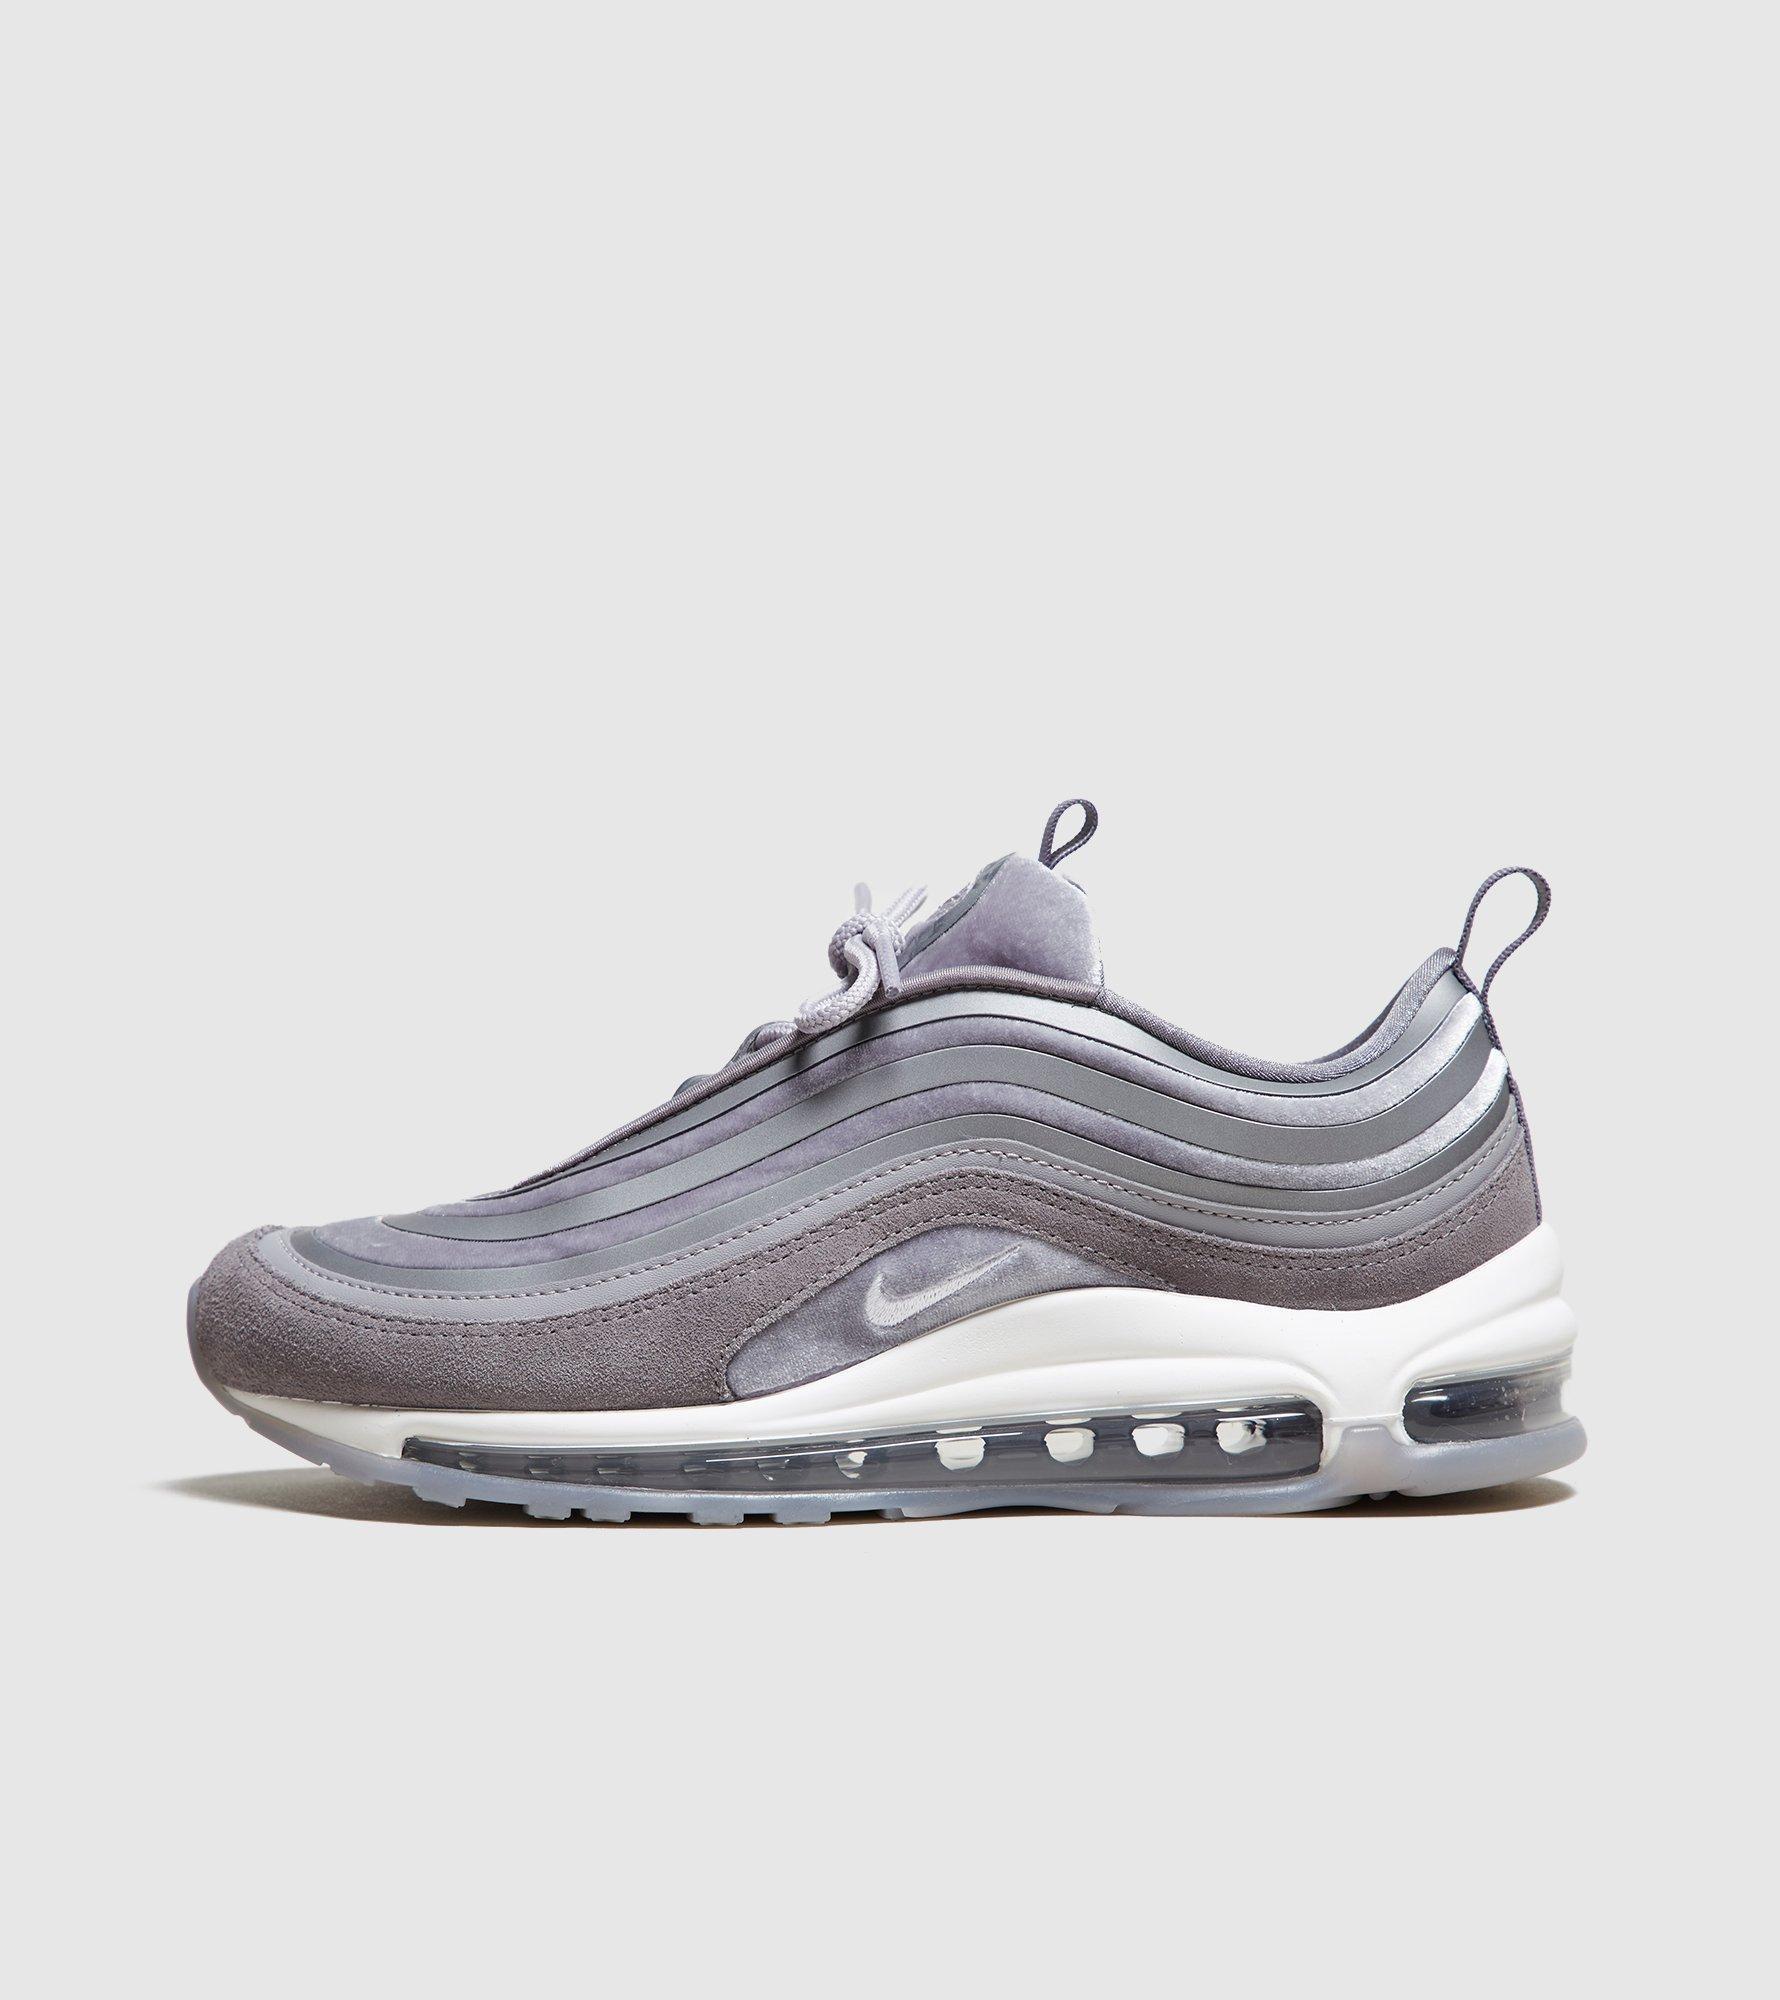 6270dedadab 1780 x 2000 www.lyst.com.au. Lyst - Nike Air Max 97 ...